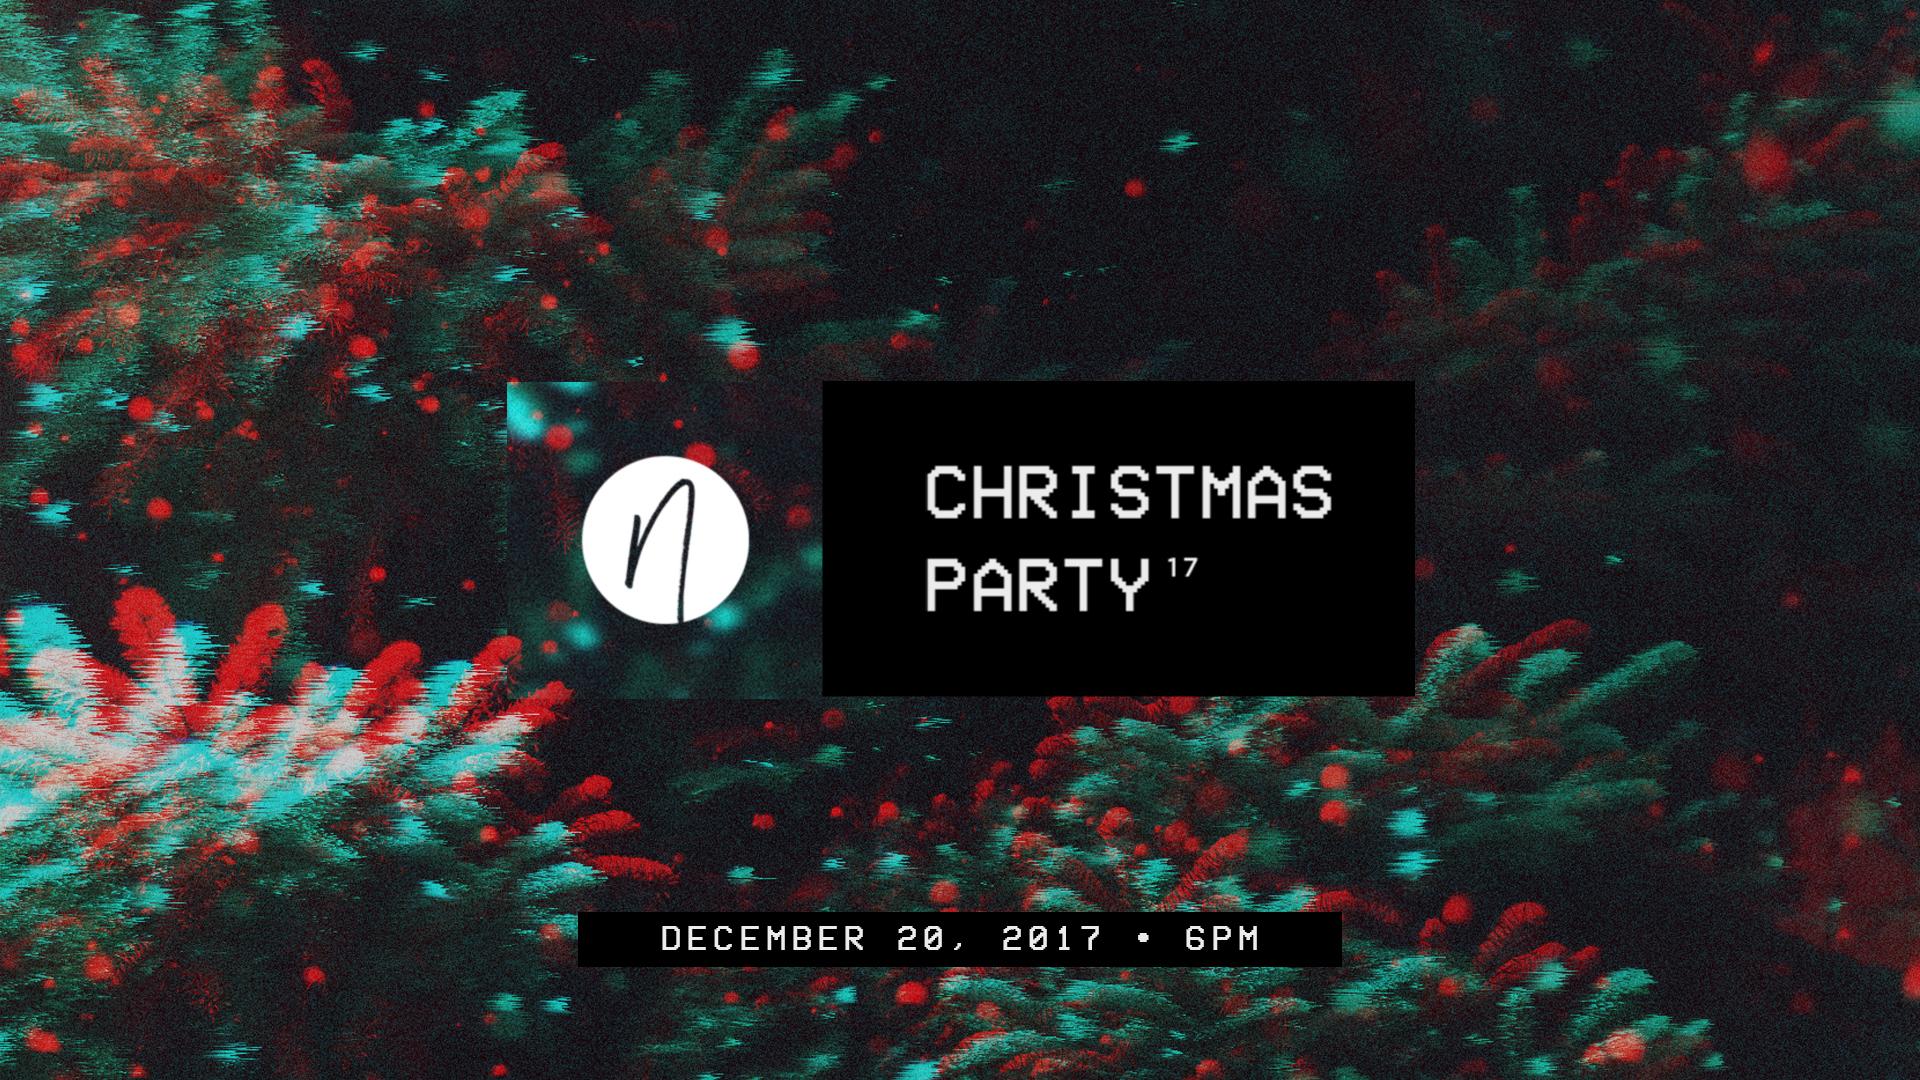 Christmas Party 17 Slide.jpg